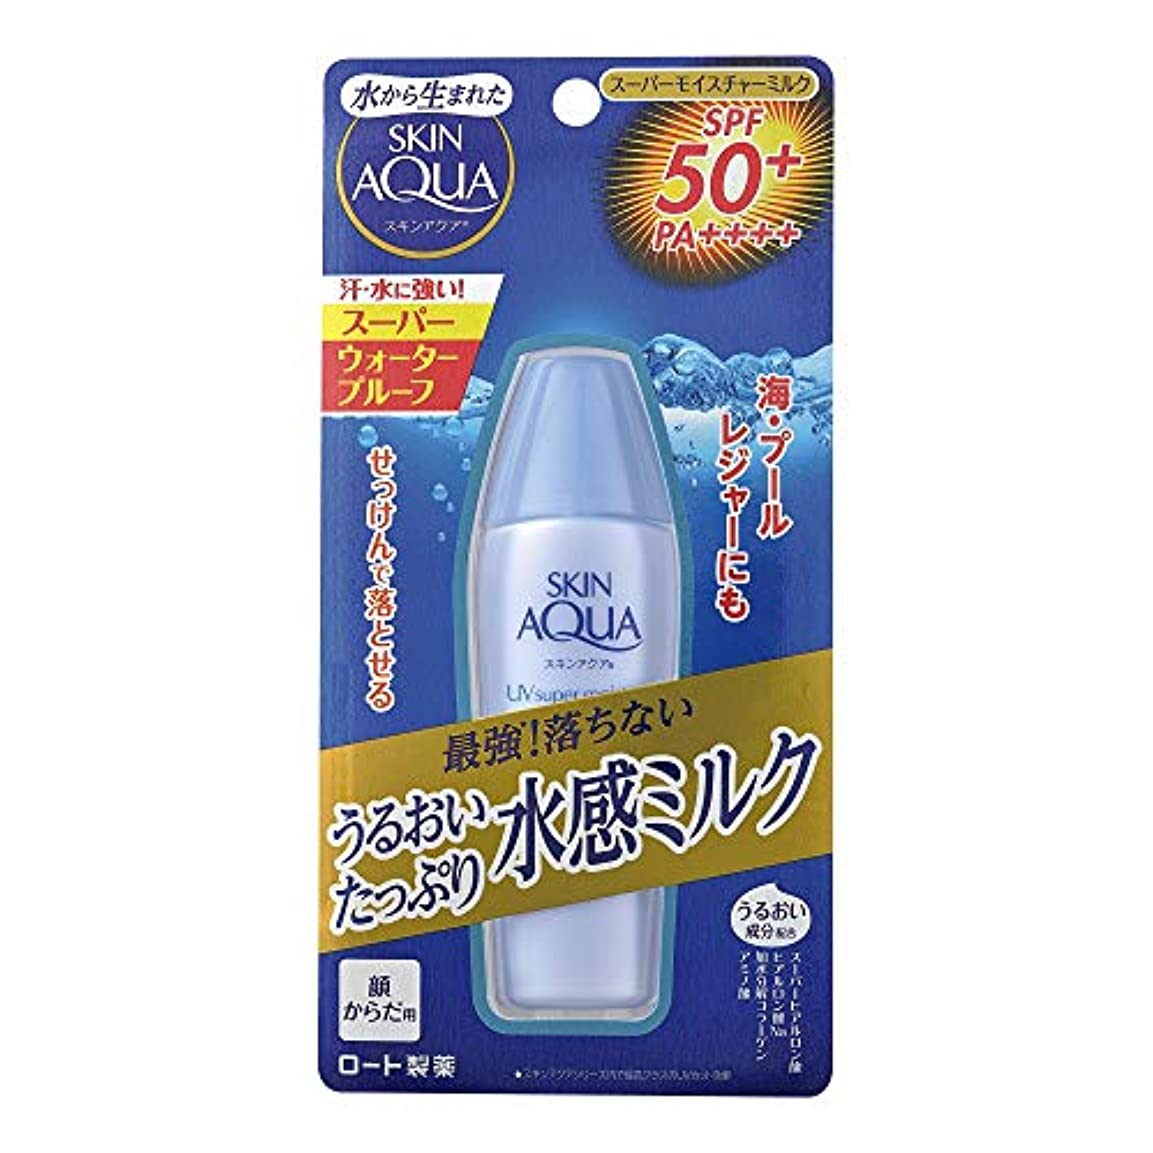 見る人差し迫ったページスキンアクア (SKIN AQUA) 日焼け止め スーパーモイスチャーミルク 潤い成分4種配合 水感ミルク (SPF50 PA++++) 40mL ※スーパーウォータープルーフ